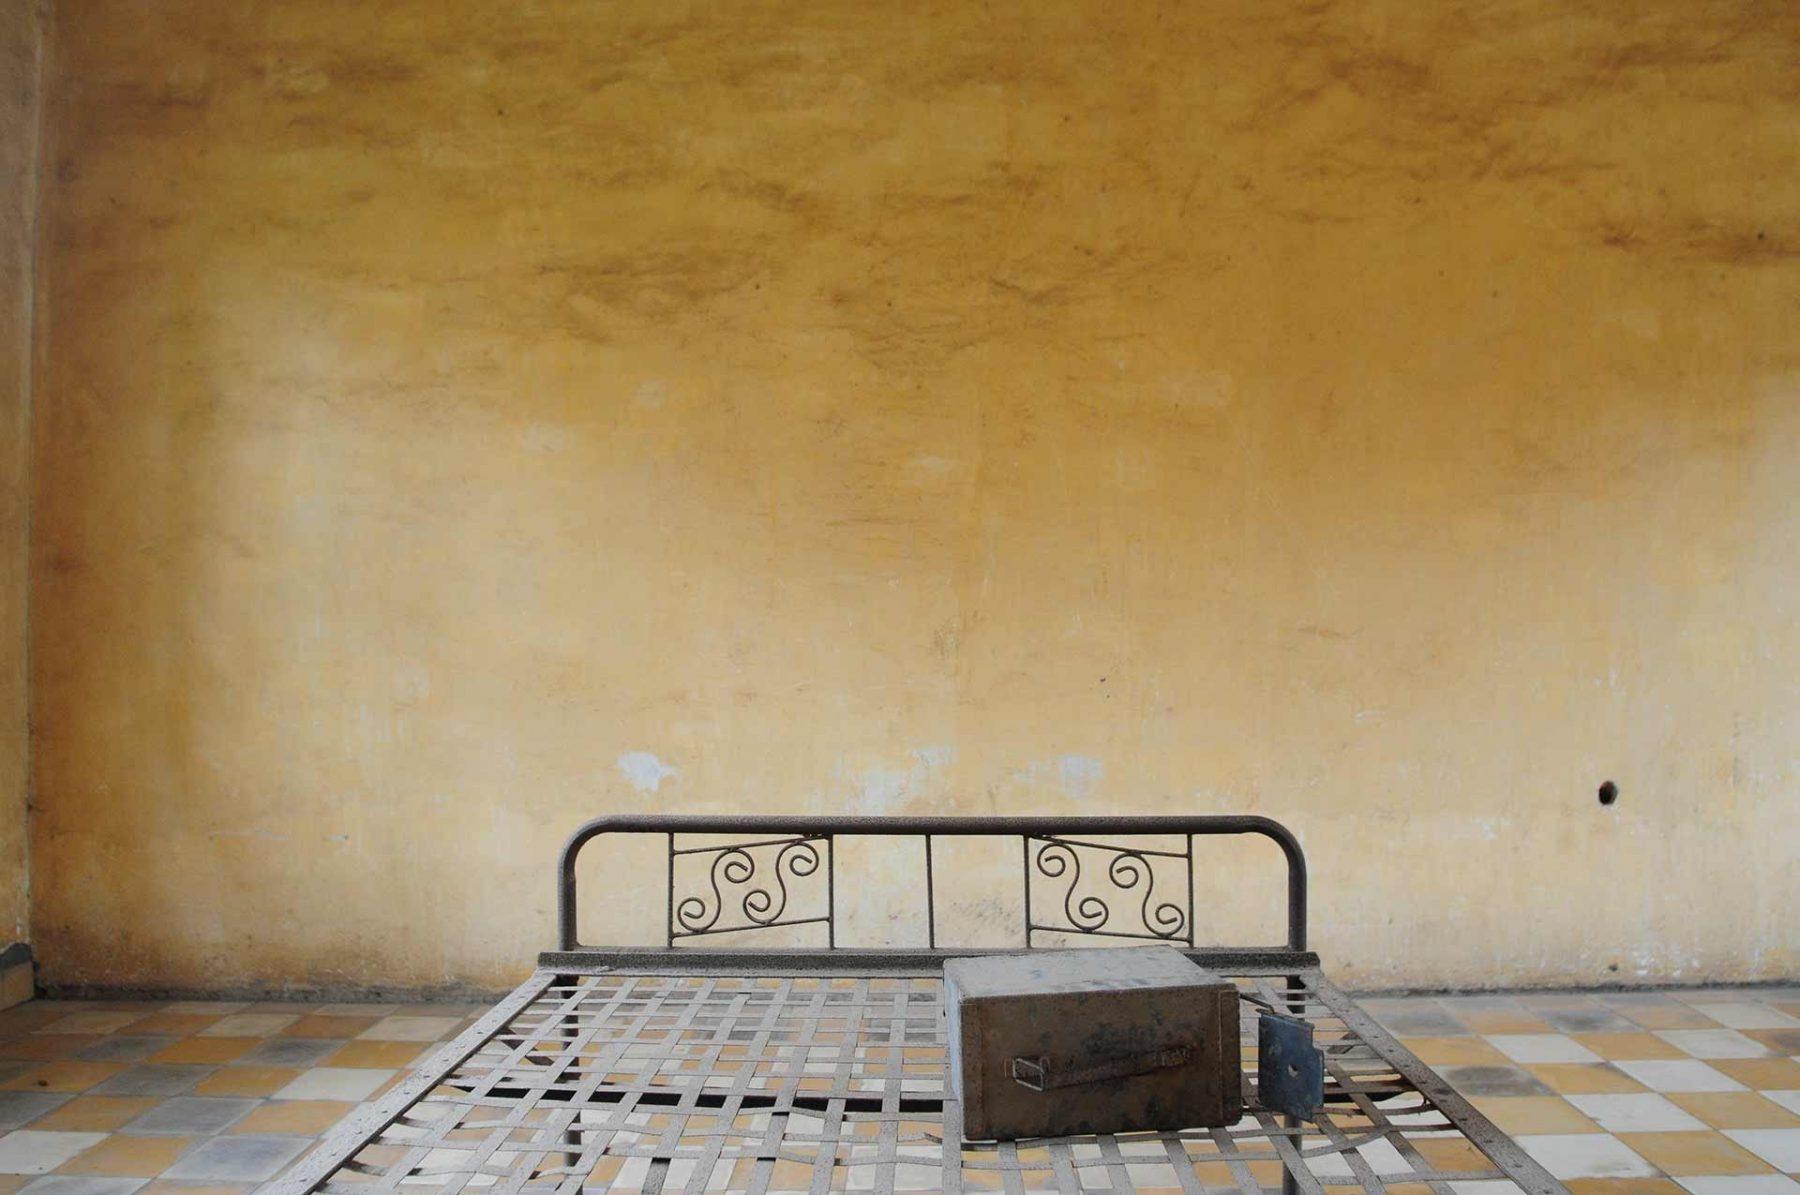 S-21 prison. Cambodia.